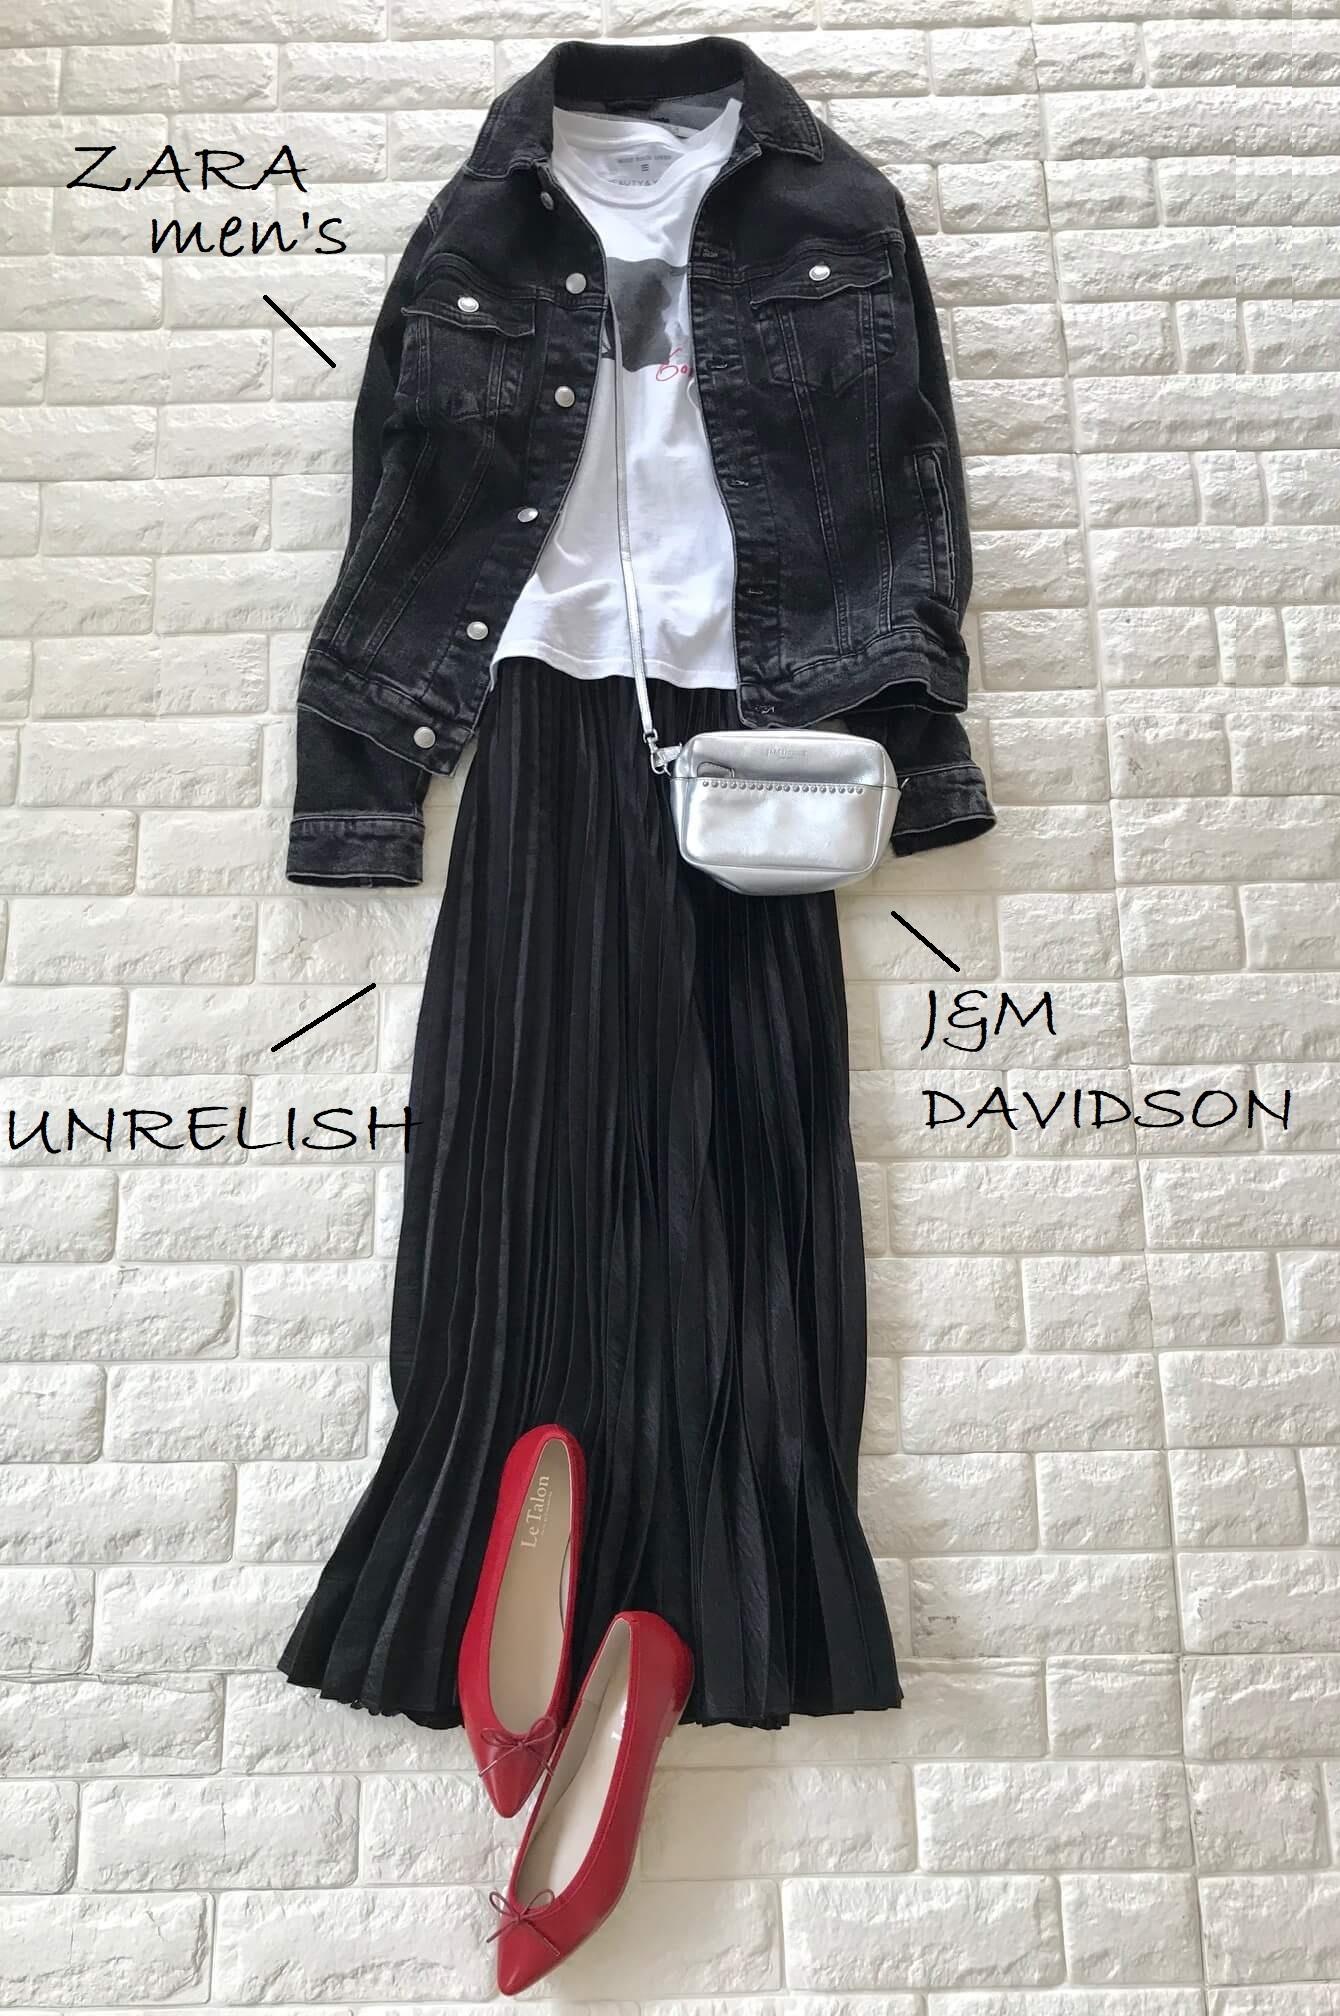 ルタロンのバレエシューズと黒いスカートを合わせたコーデ